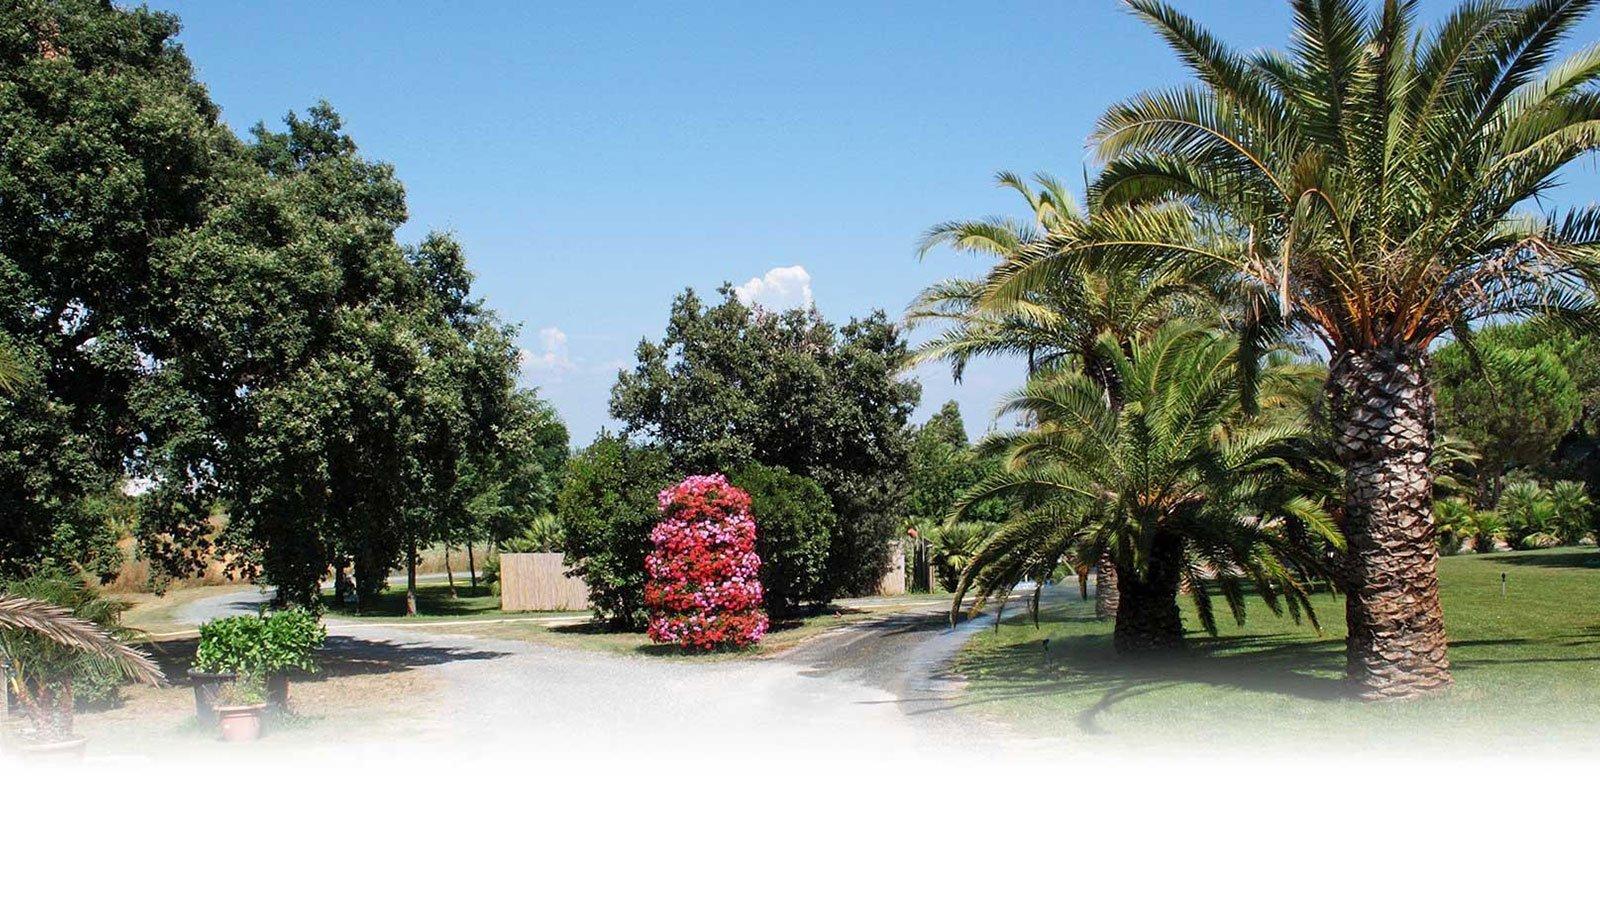 delle palme e degli alberi